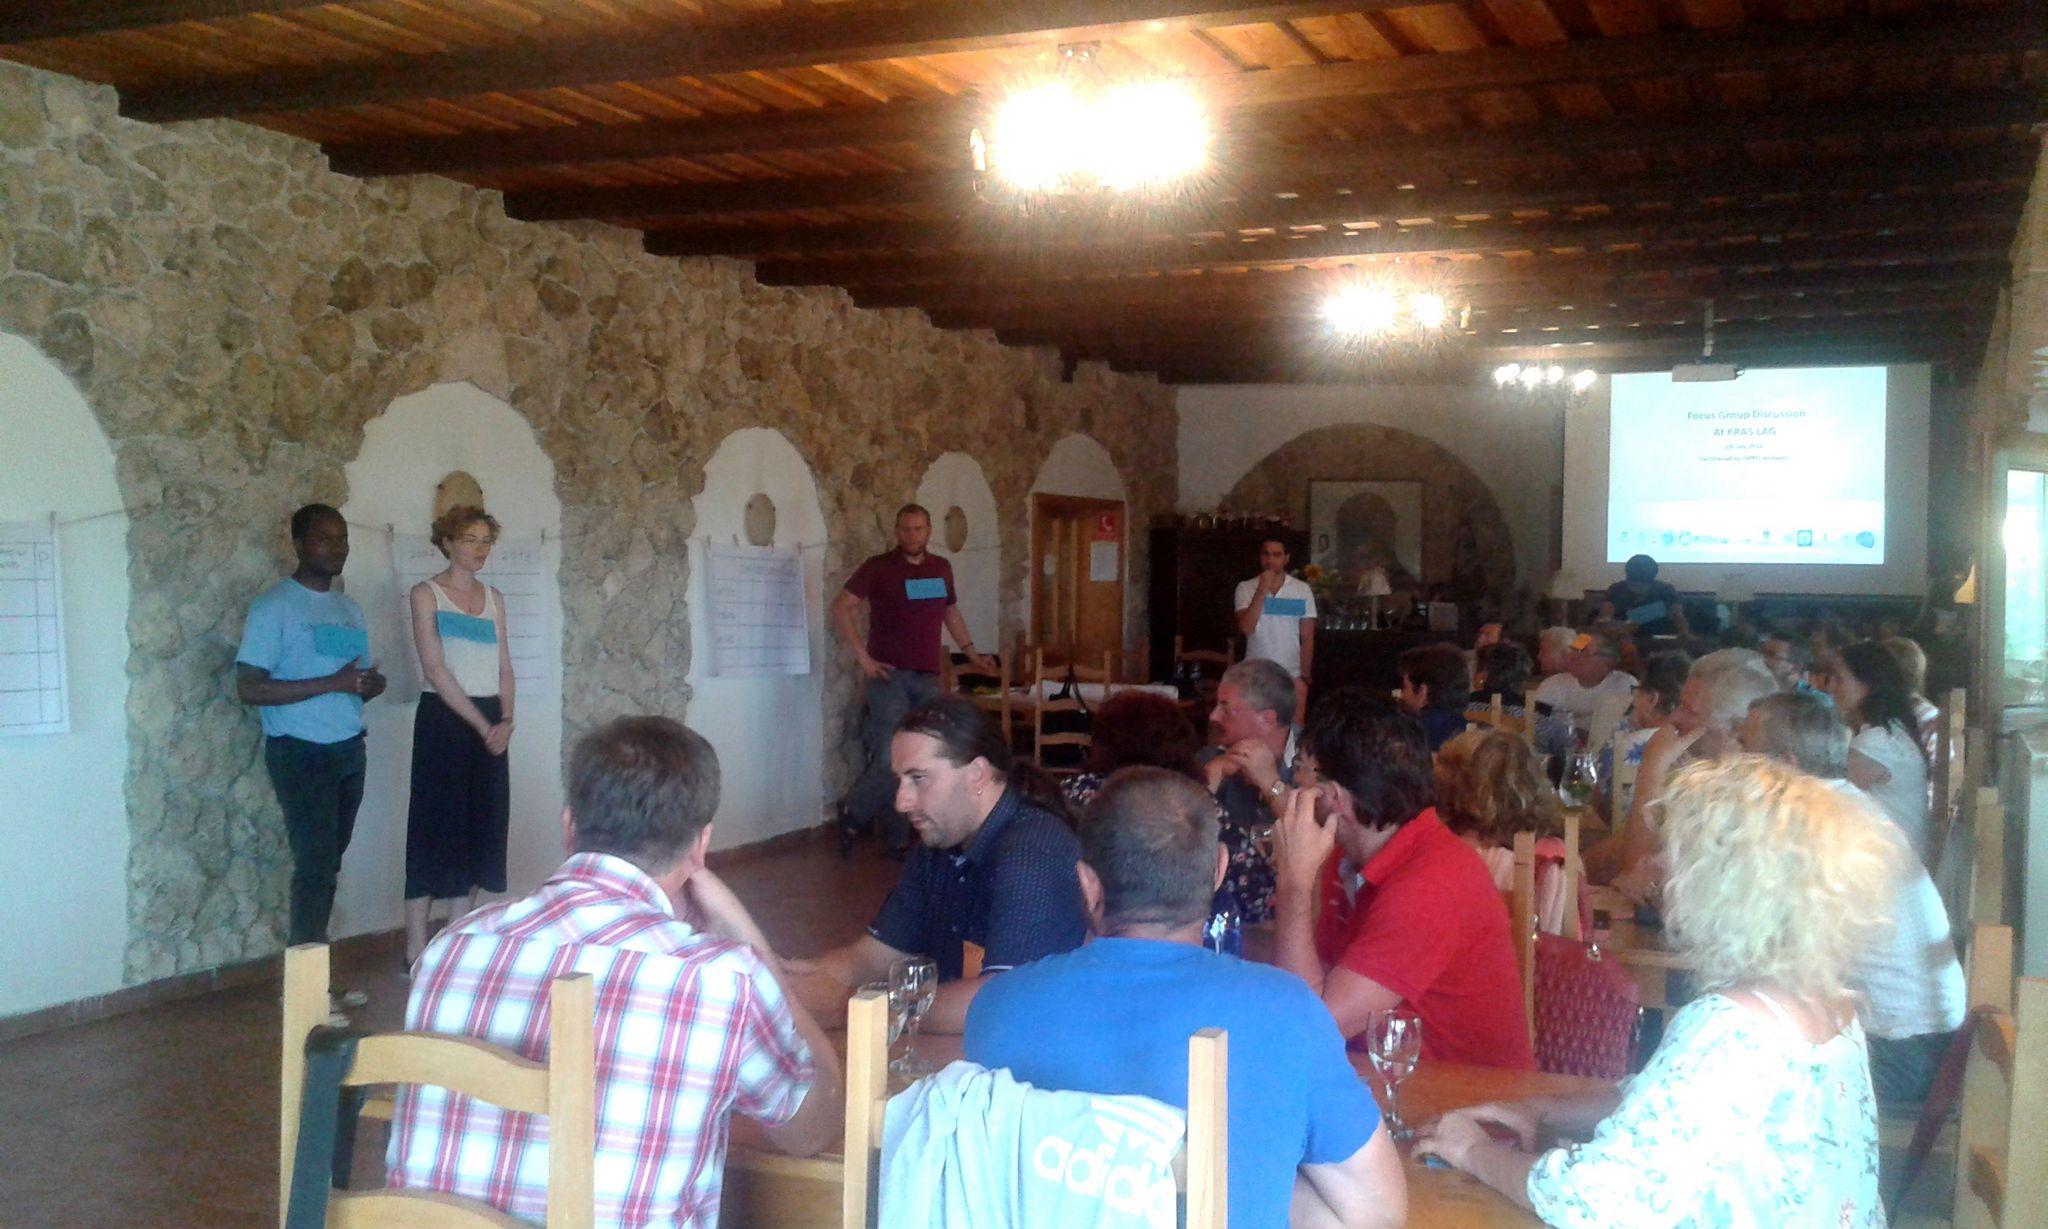 Az egyetemisták fókuszbeszélgetésen vettek részt 19 környékbeli falu képviselőivel